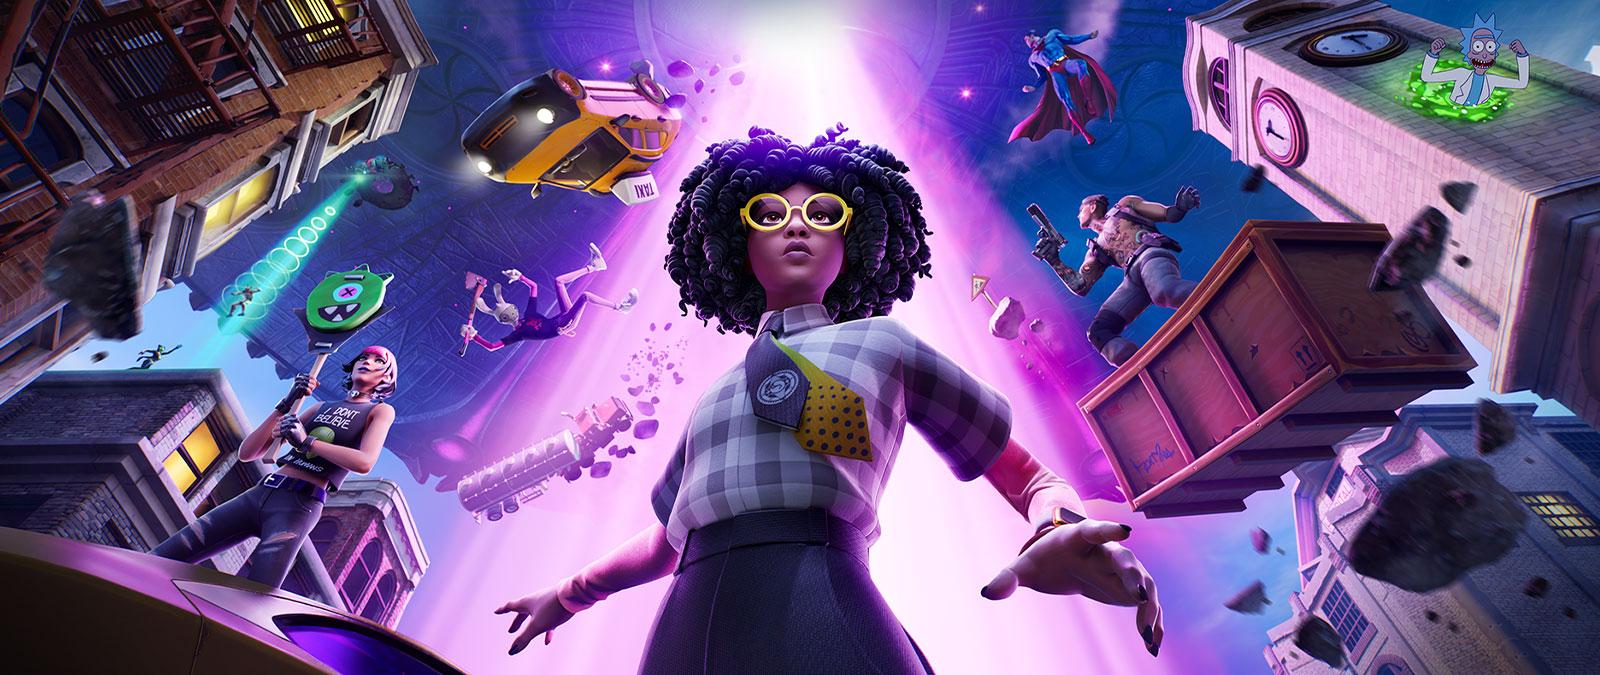 Fortnite, Uma jovem de óculos amarelos prepara-se enquanto um raio de tração brilhante levanta personagens no ar atrás dela.